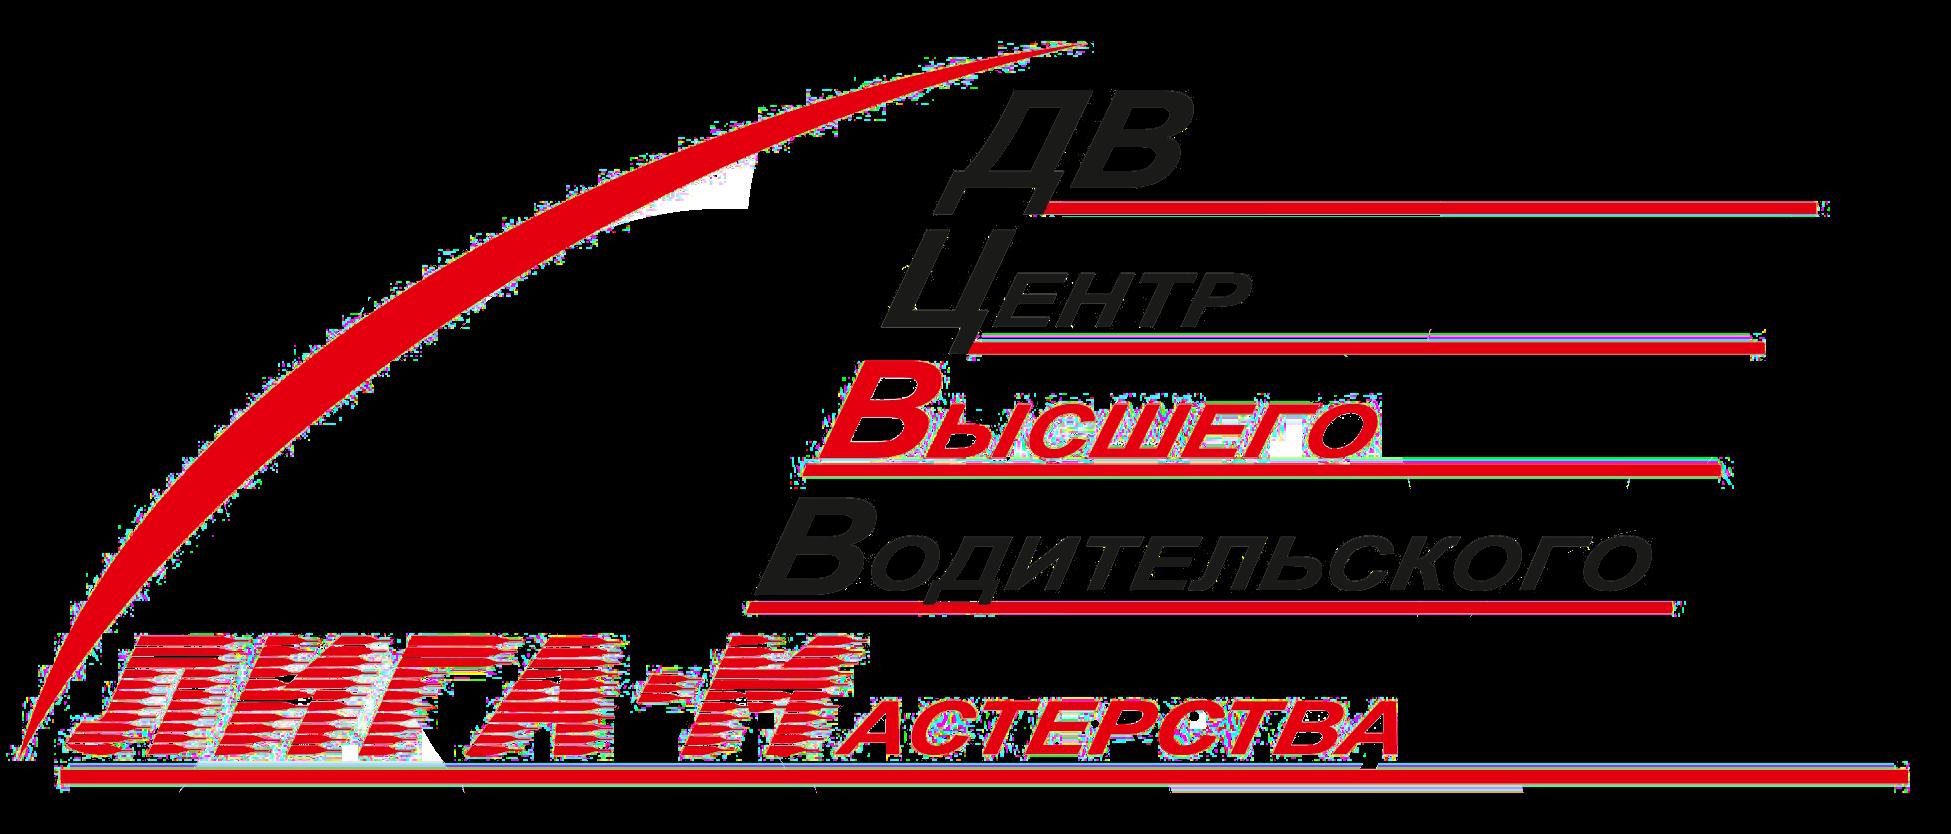 ДВ Центр Высшего Водительского Мастерства Лига-М